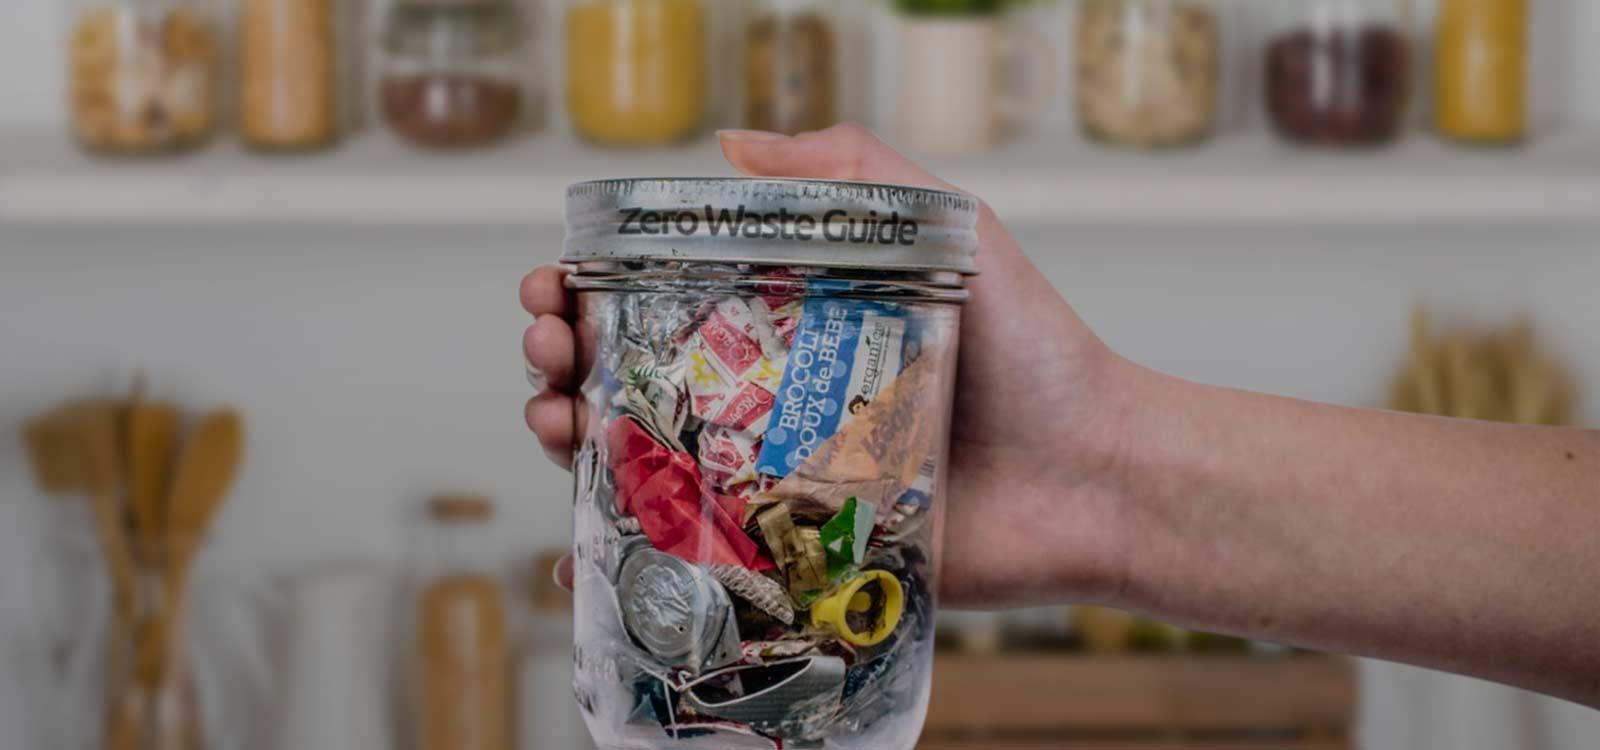 Anfängerhandbuch-für-Zero-Waste-Header